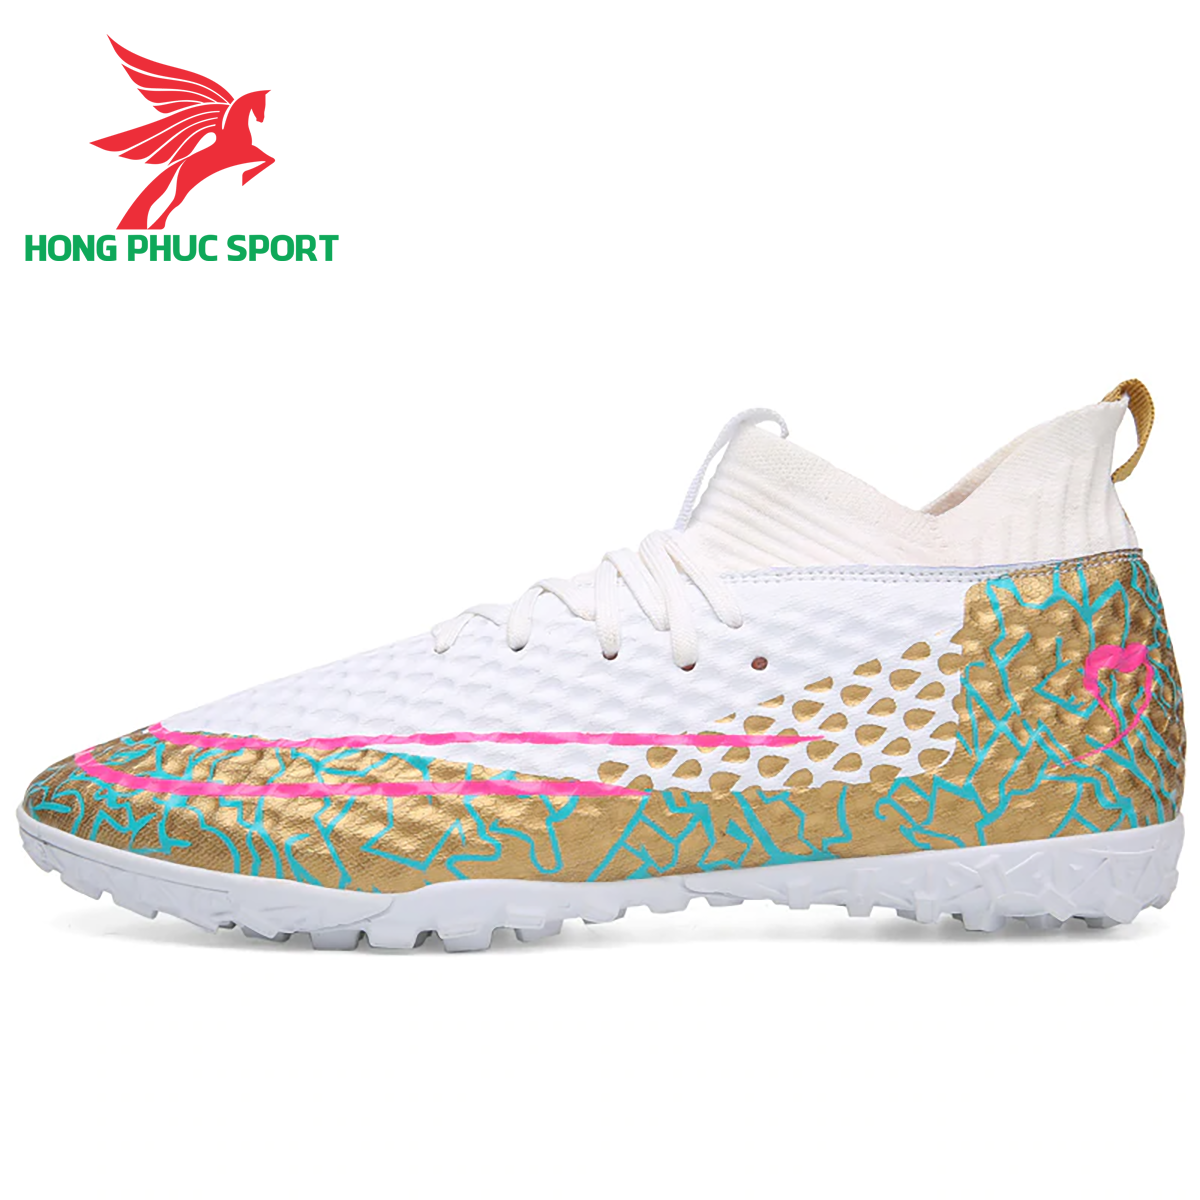 Giày đá banh cổ cao Future 5.1 TF màu trắng